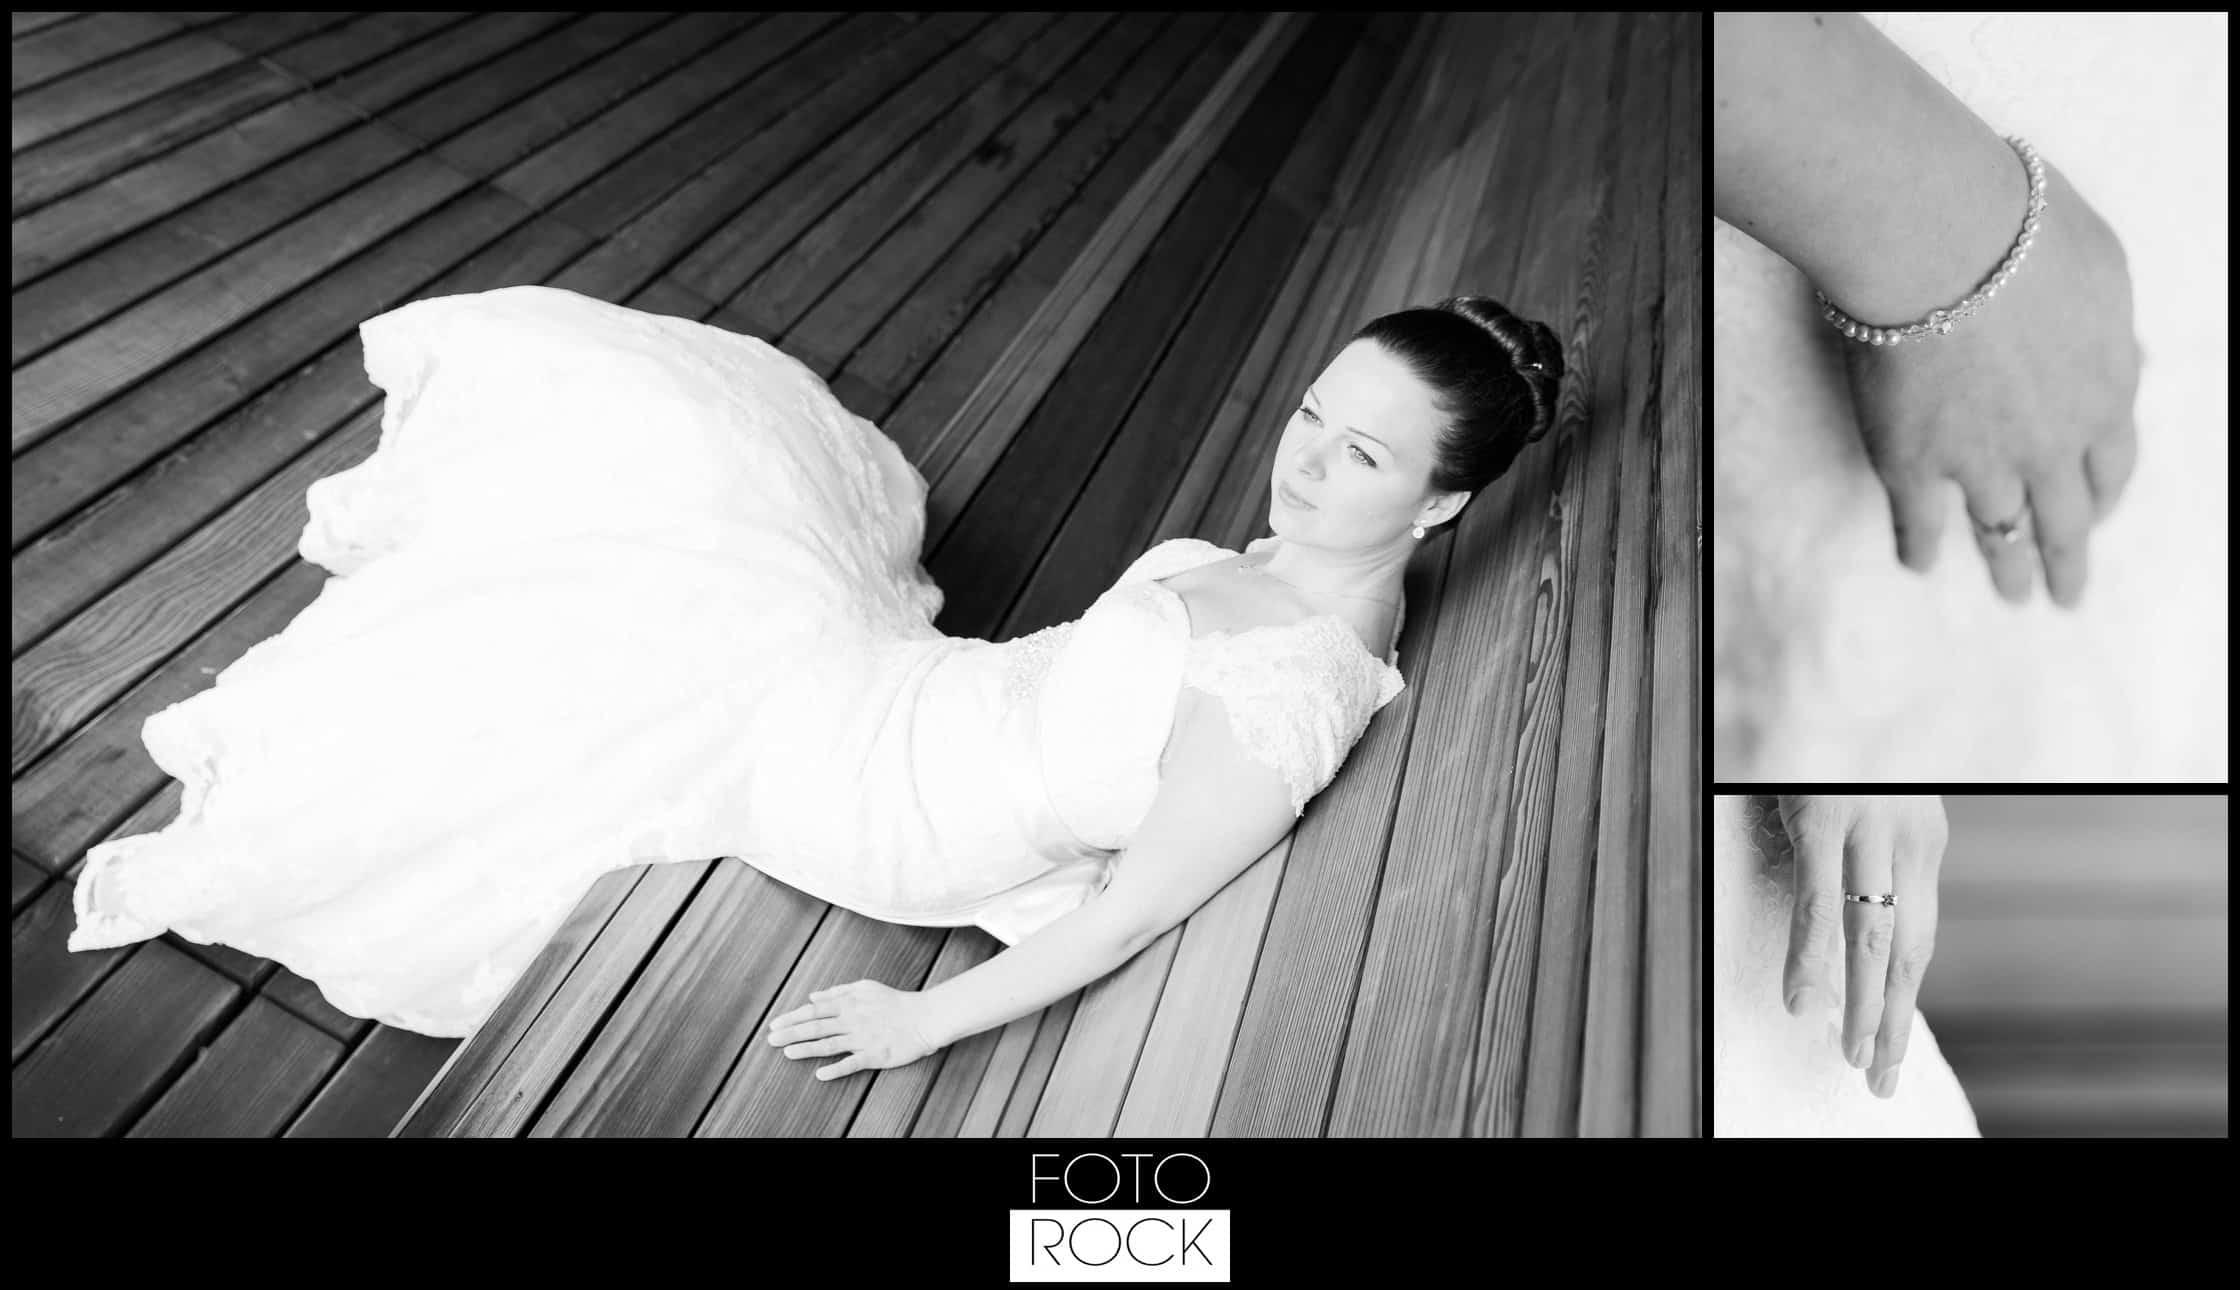 Hochzeit Vitra Design Museum Weil am Rhein Braut Sitzen Holz Schmuck Ring Brautkleid